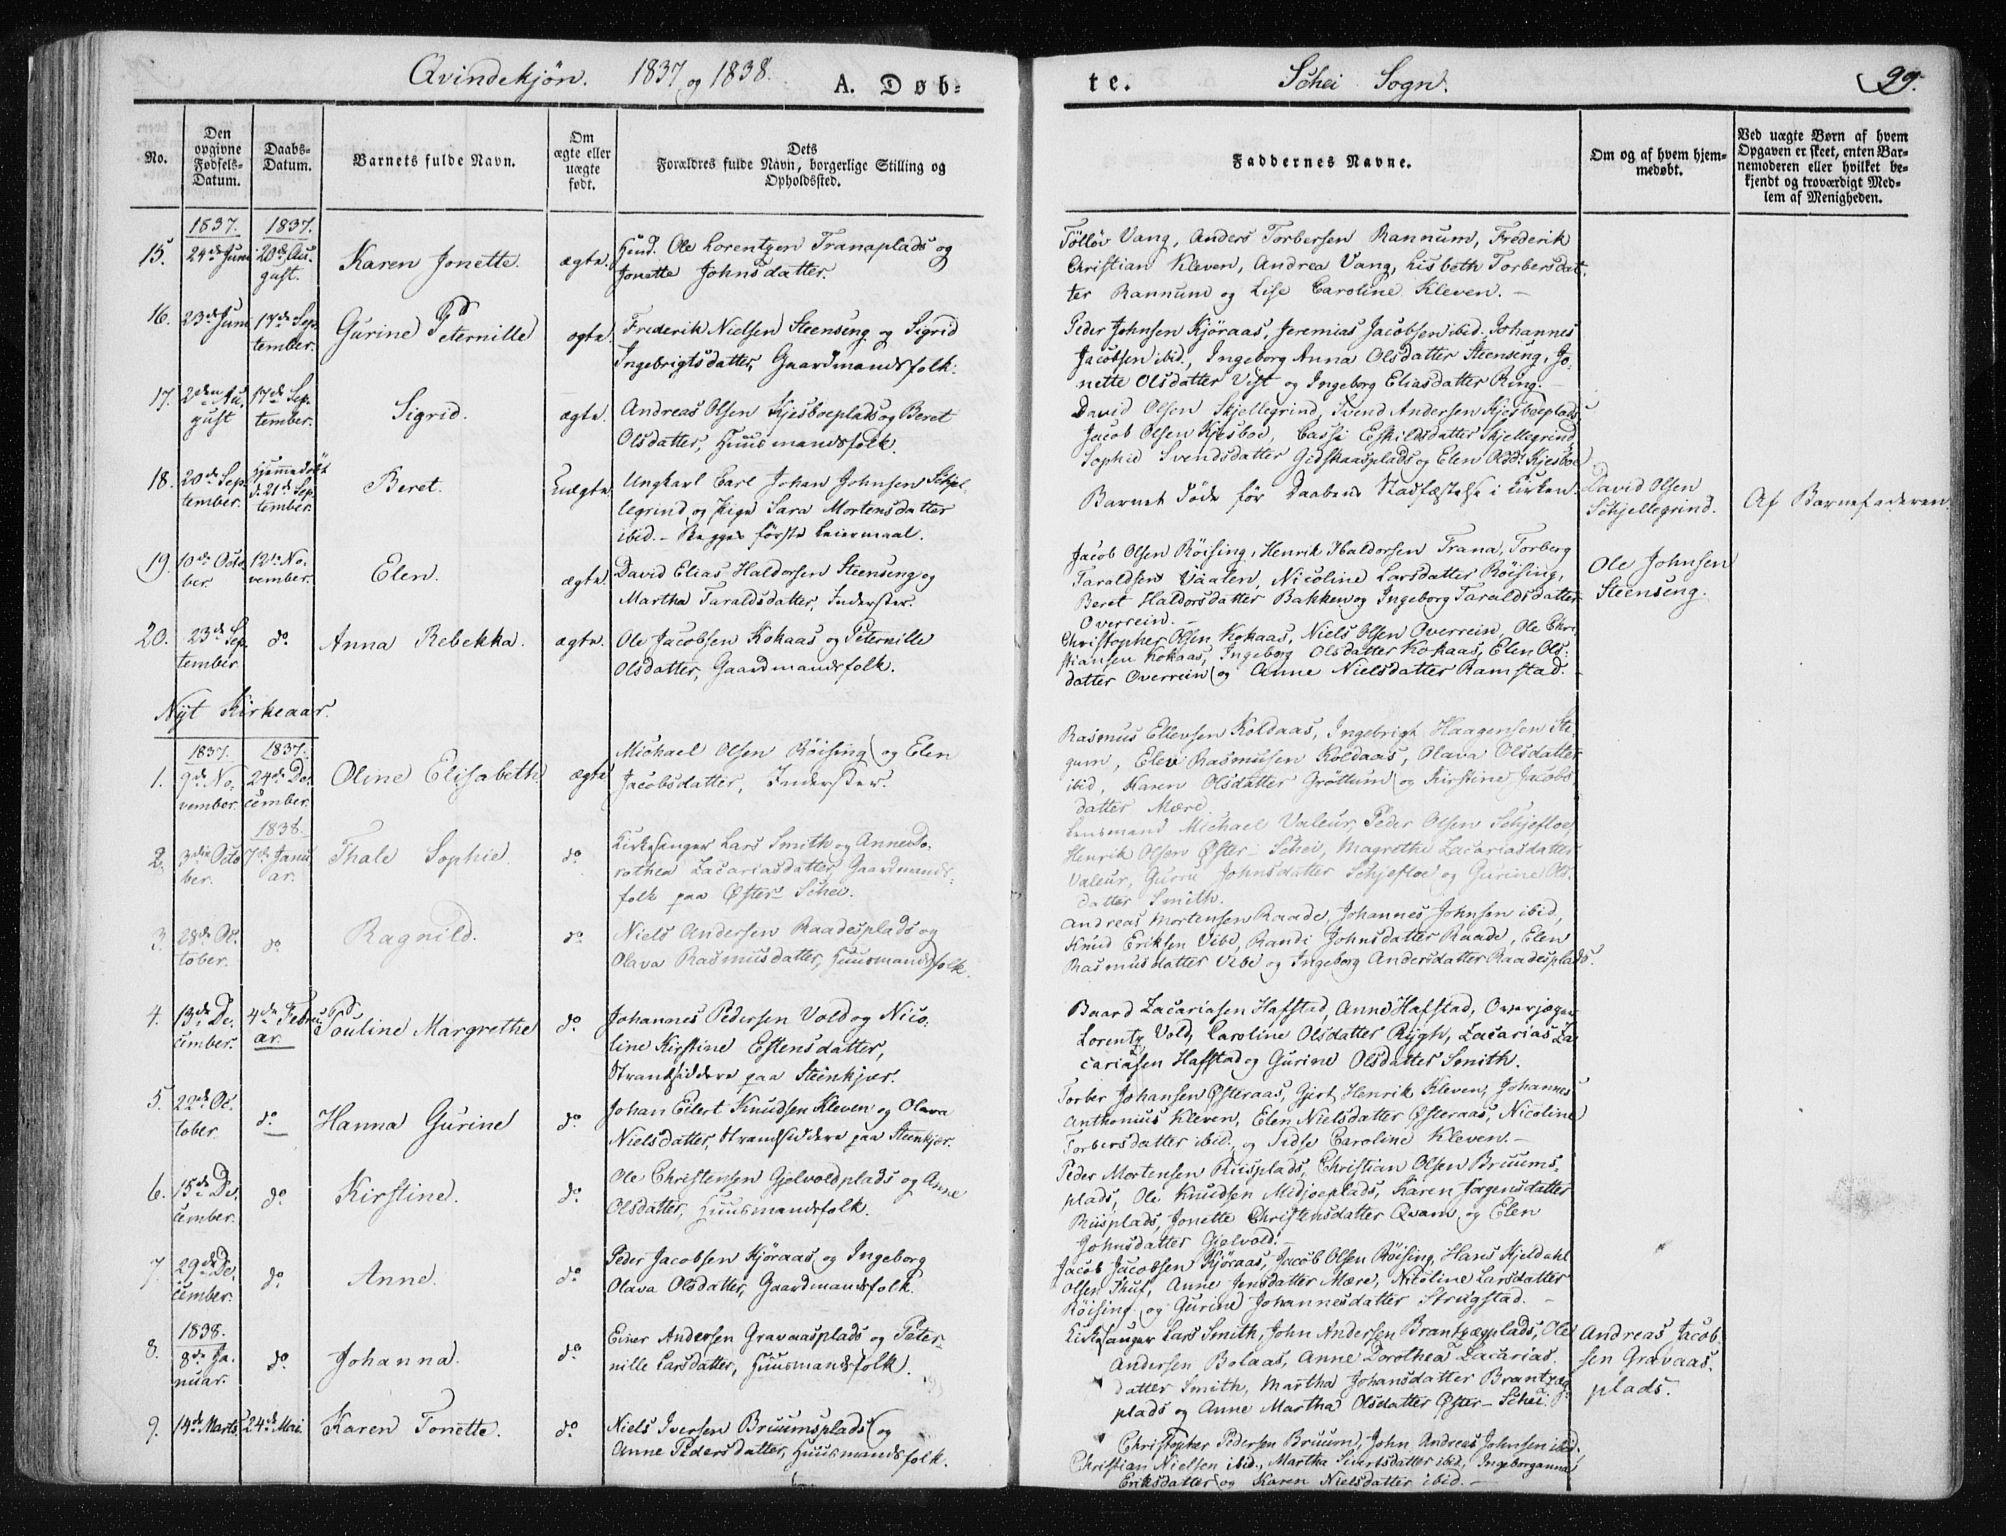 SAT, Ministerialprotokoller, klokkerbøker og fødselsregistre - Nord-Trøndelag, 735/L0339: Ministerialbok nr. 735A06 /2, 1836-1848, s. 99